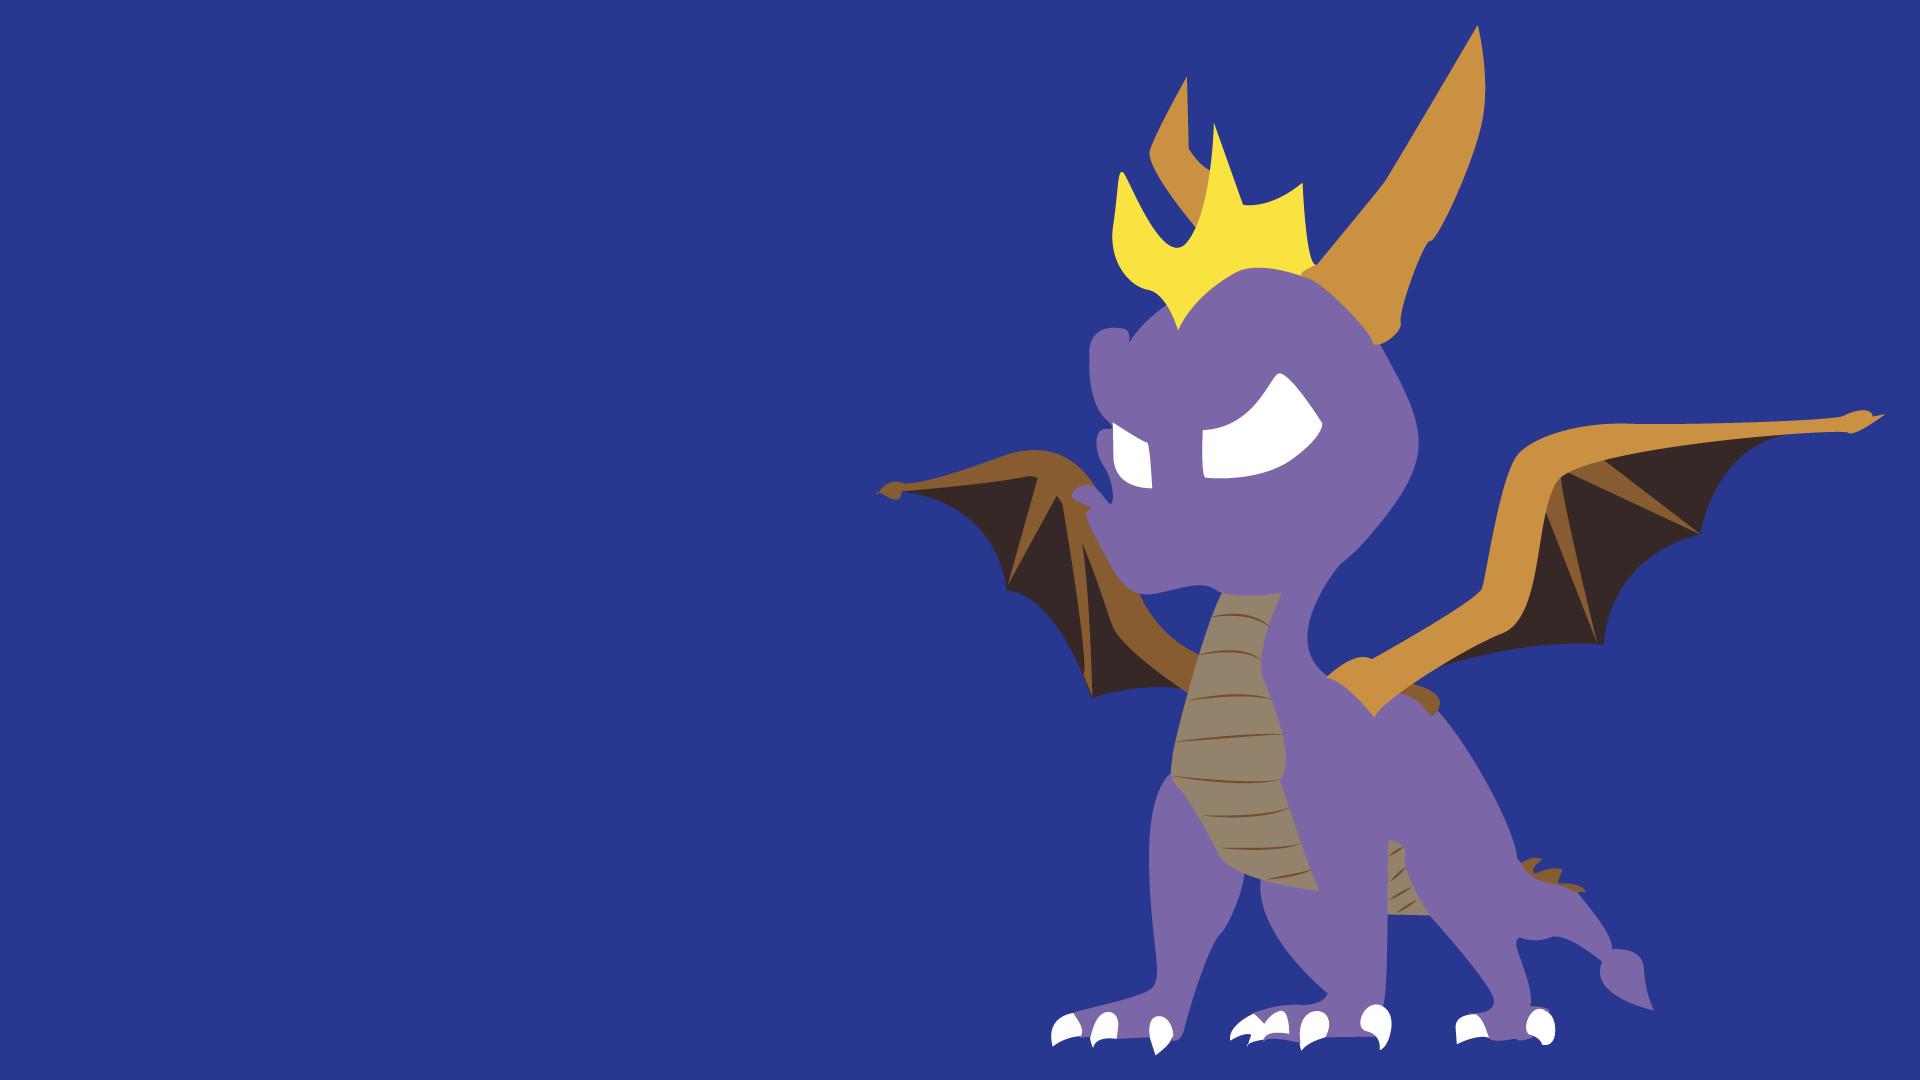 Skylanders Spyro Wallpaper · Spyro Wallpaper | Best Desktop .